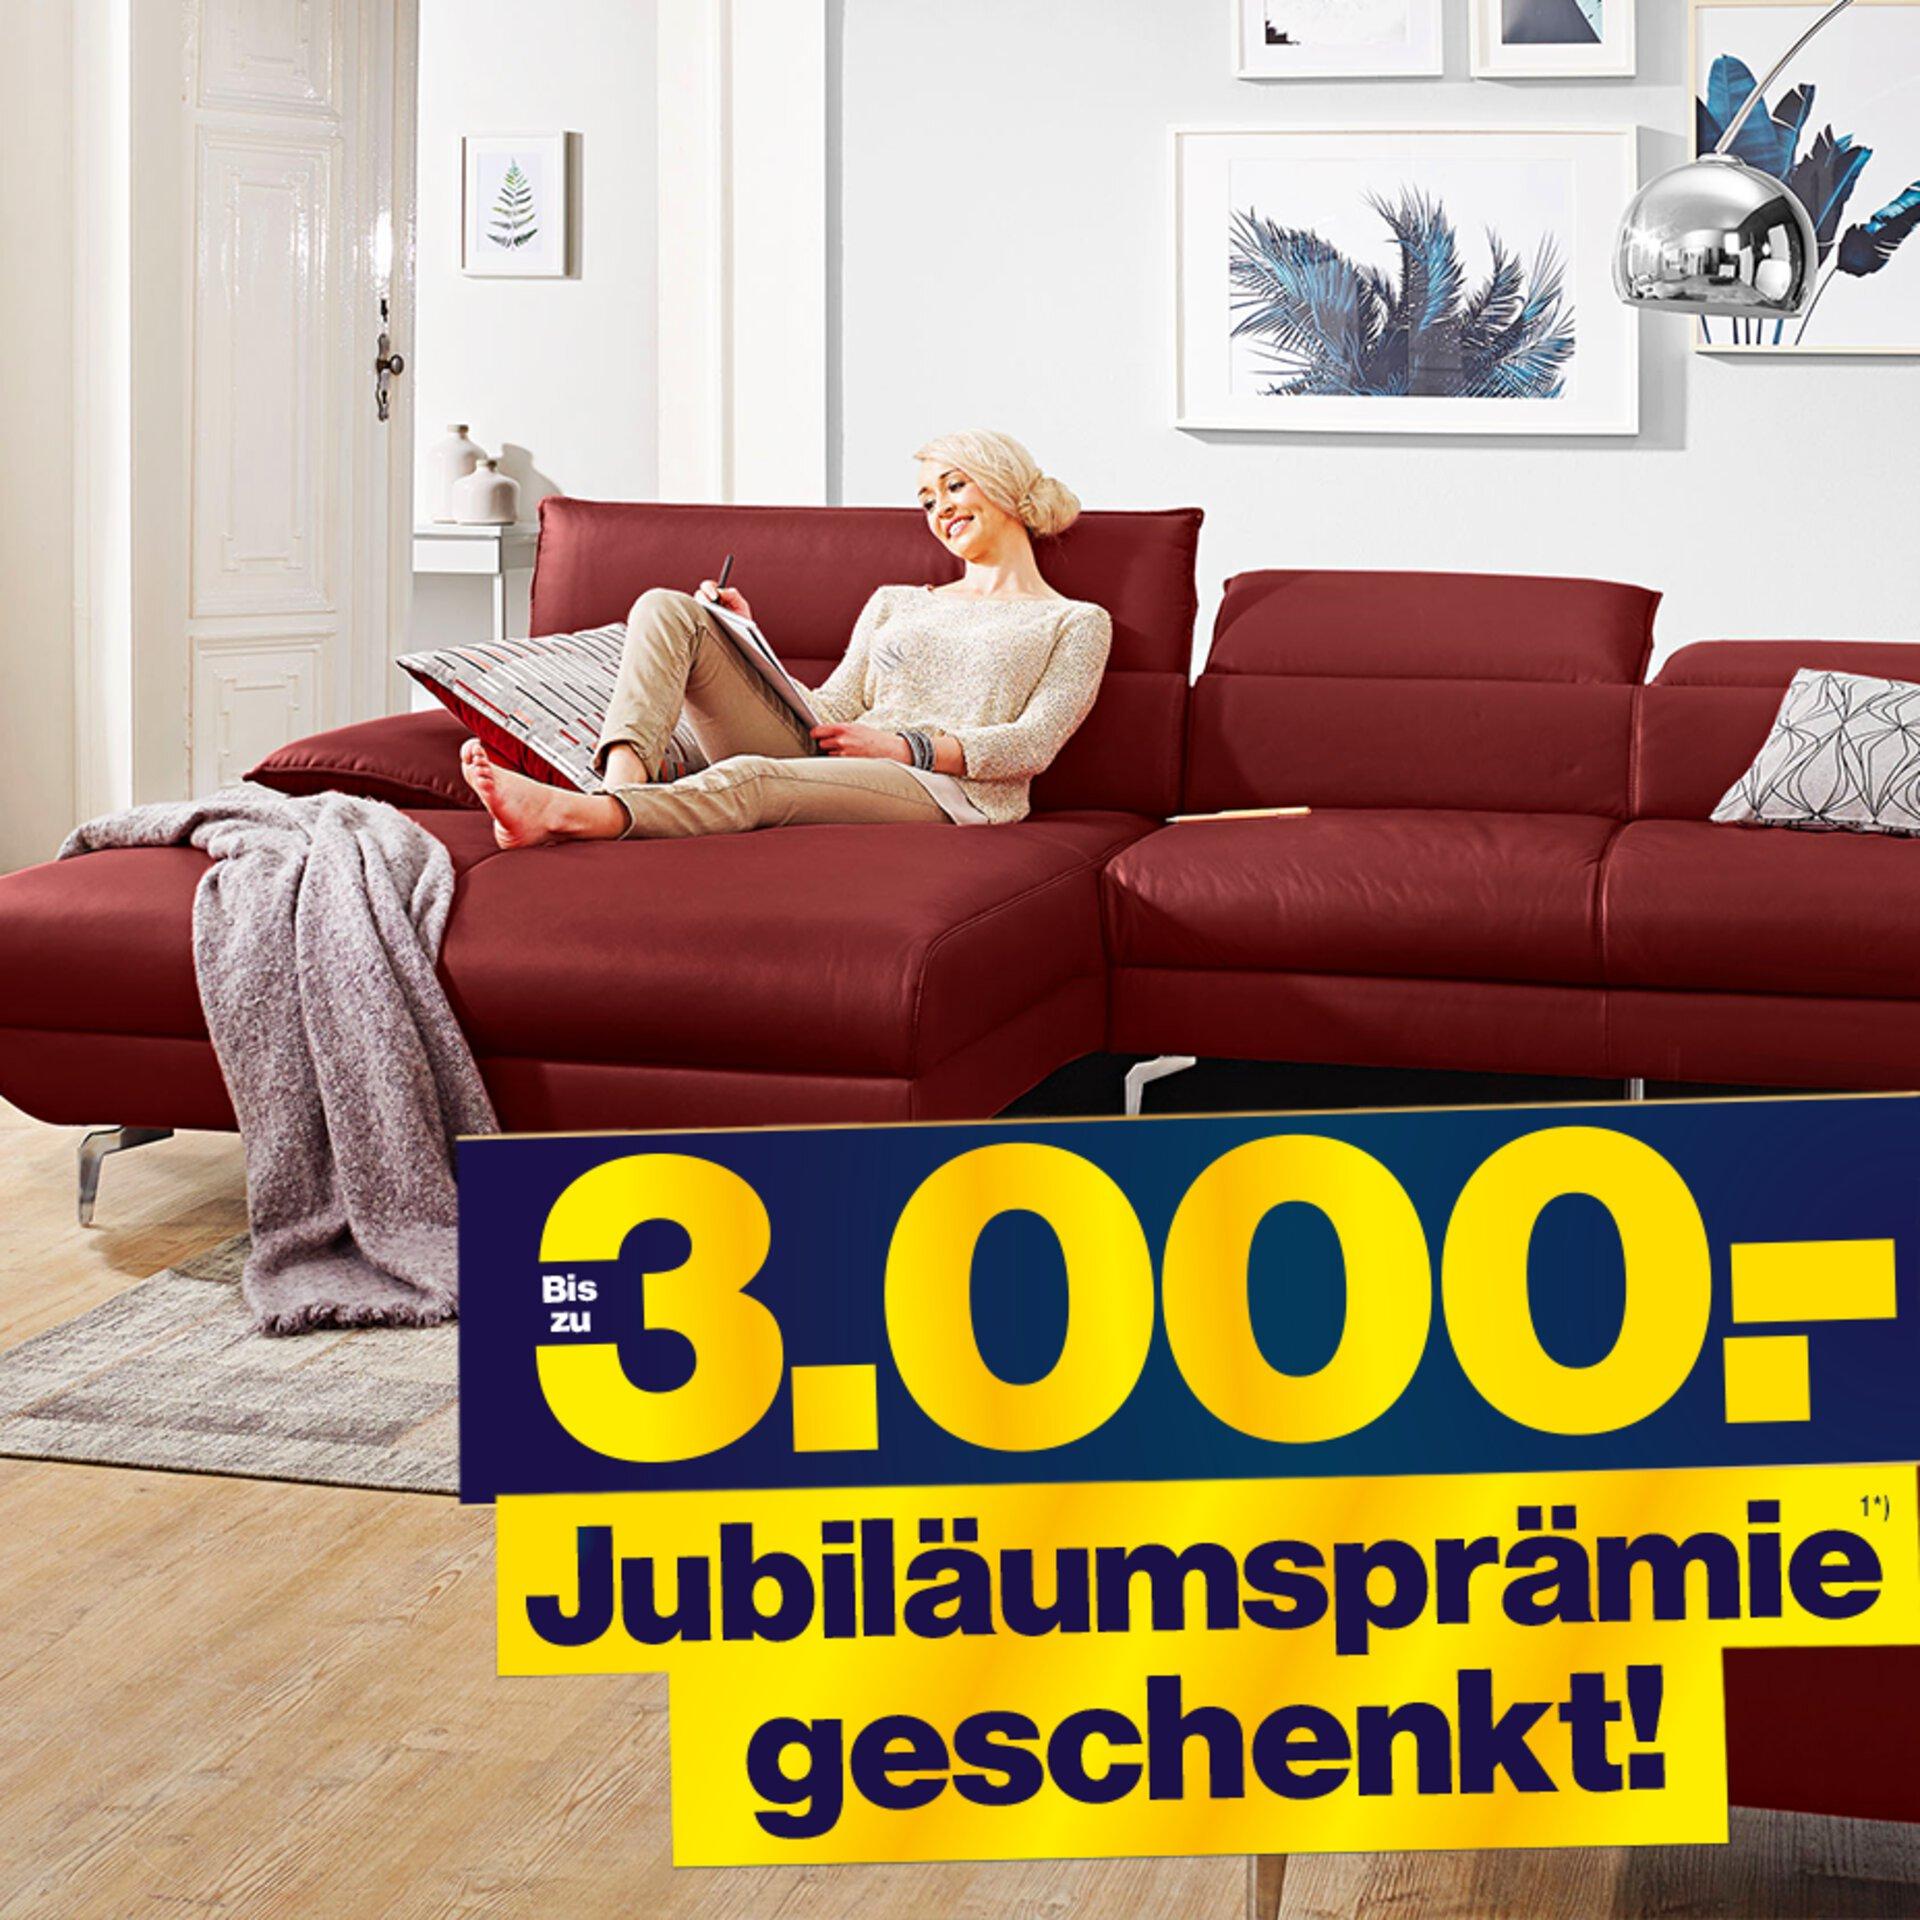 Prämie Möbel Inhofer Jubiläumsprämie Prämie geschenkt Aktion Einrichtungshaus